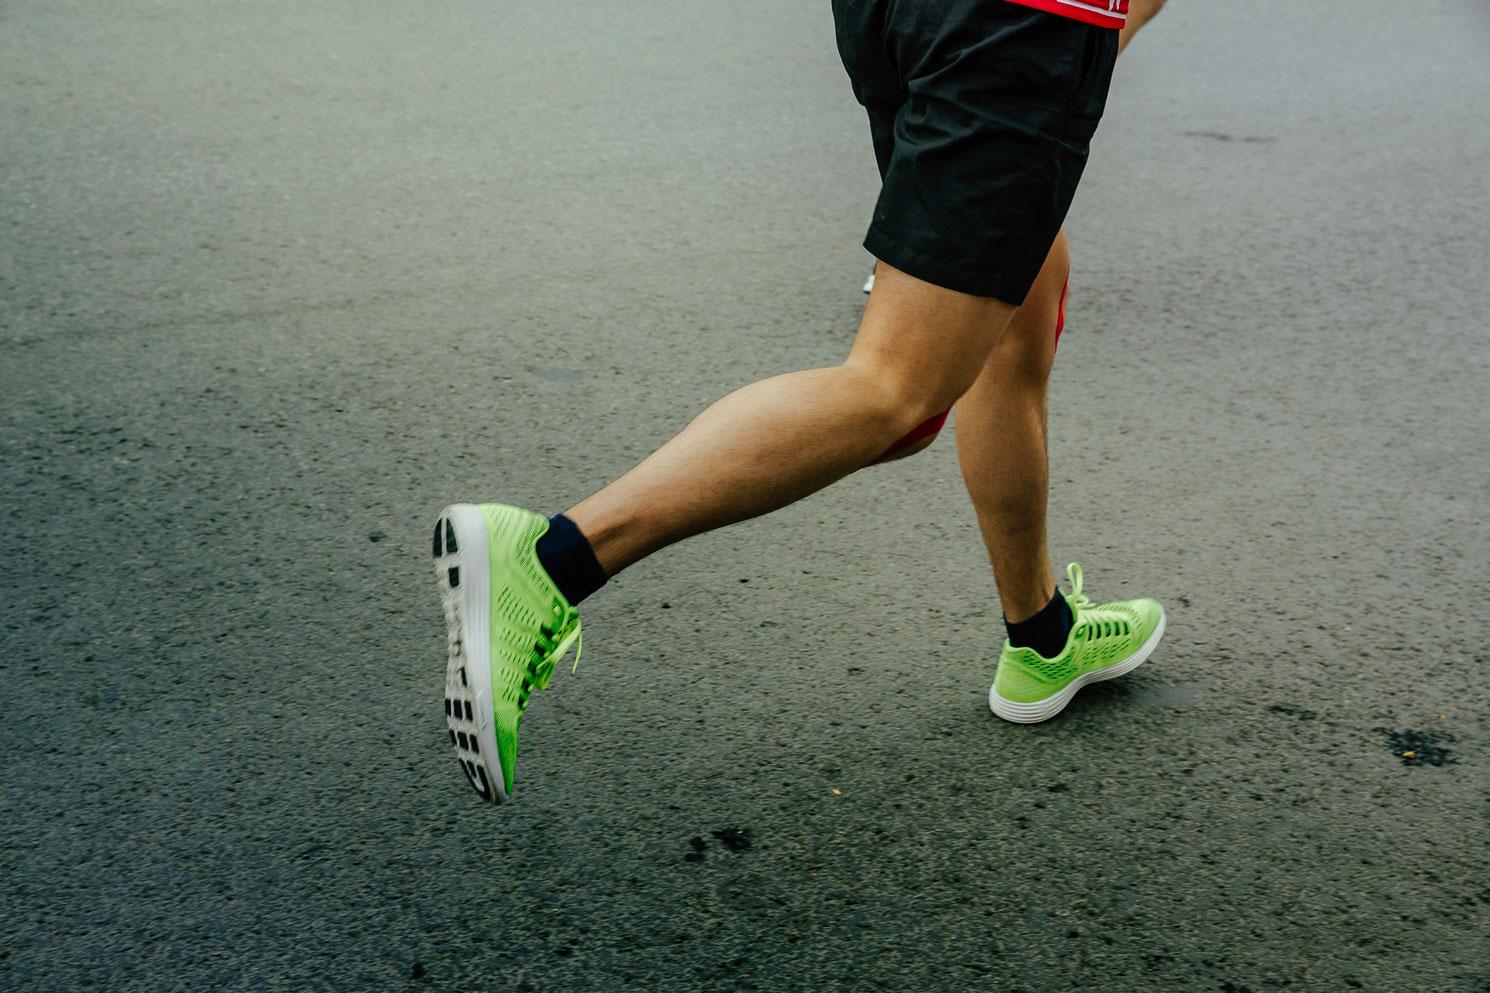 Scarpe Running A2: Le Migliori 5 Scarpe da Corsa A2 del 2020